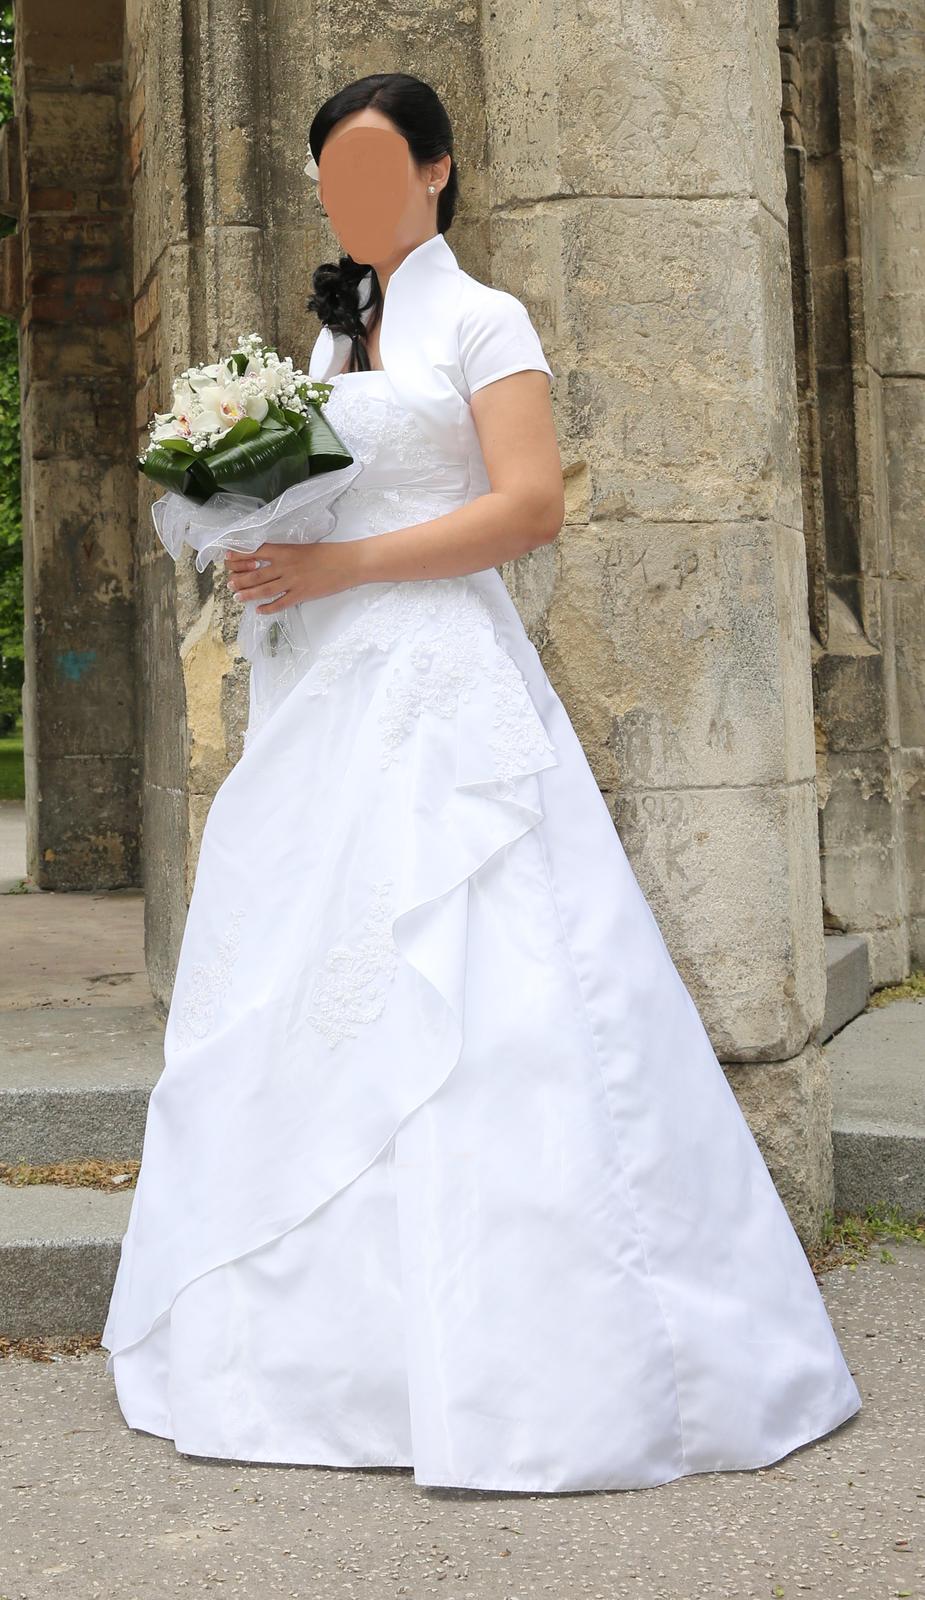 snehobiele svadobné šaty aj s bolerkom 36-38 - Obrázok č. 1